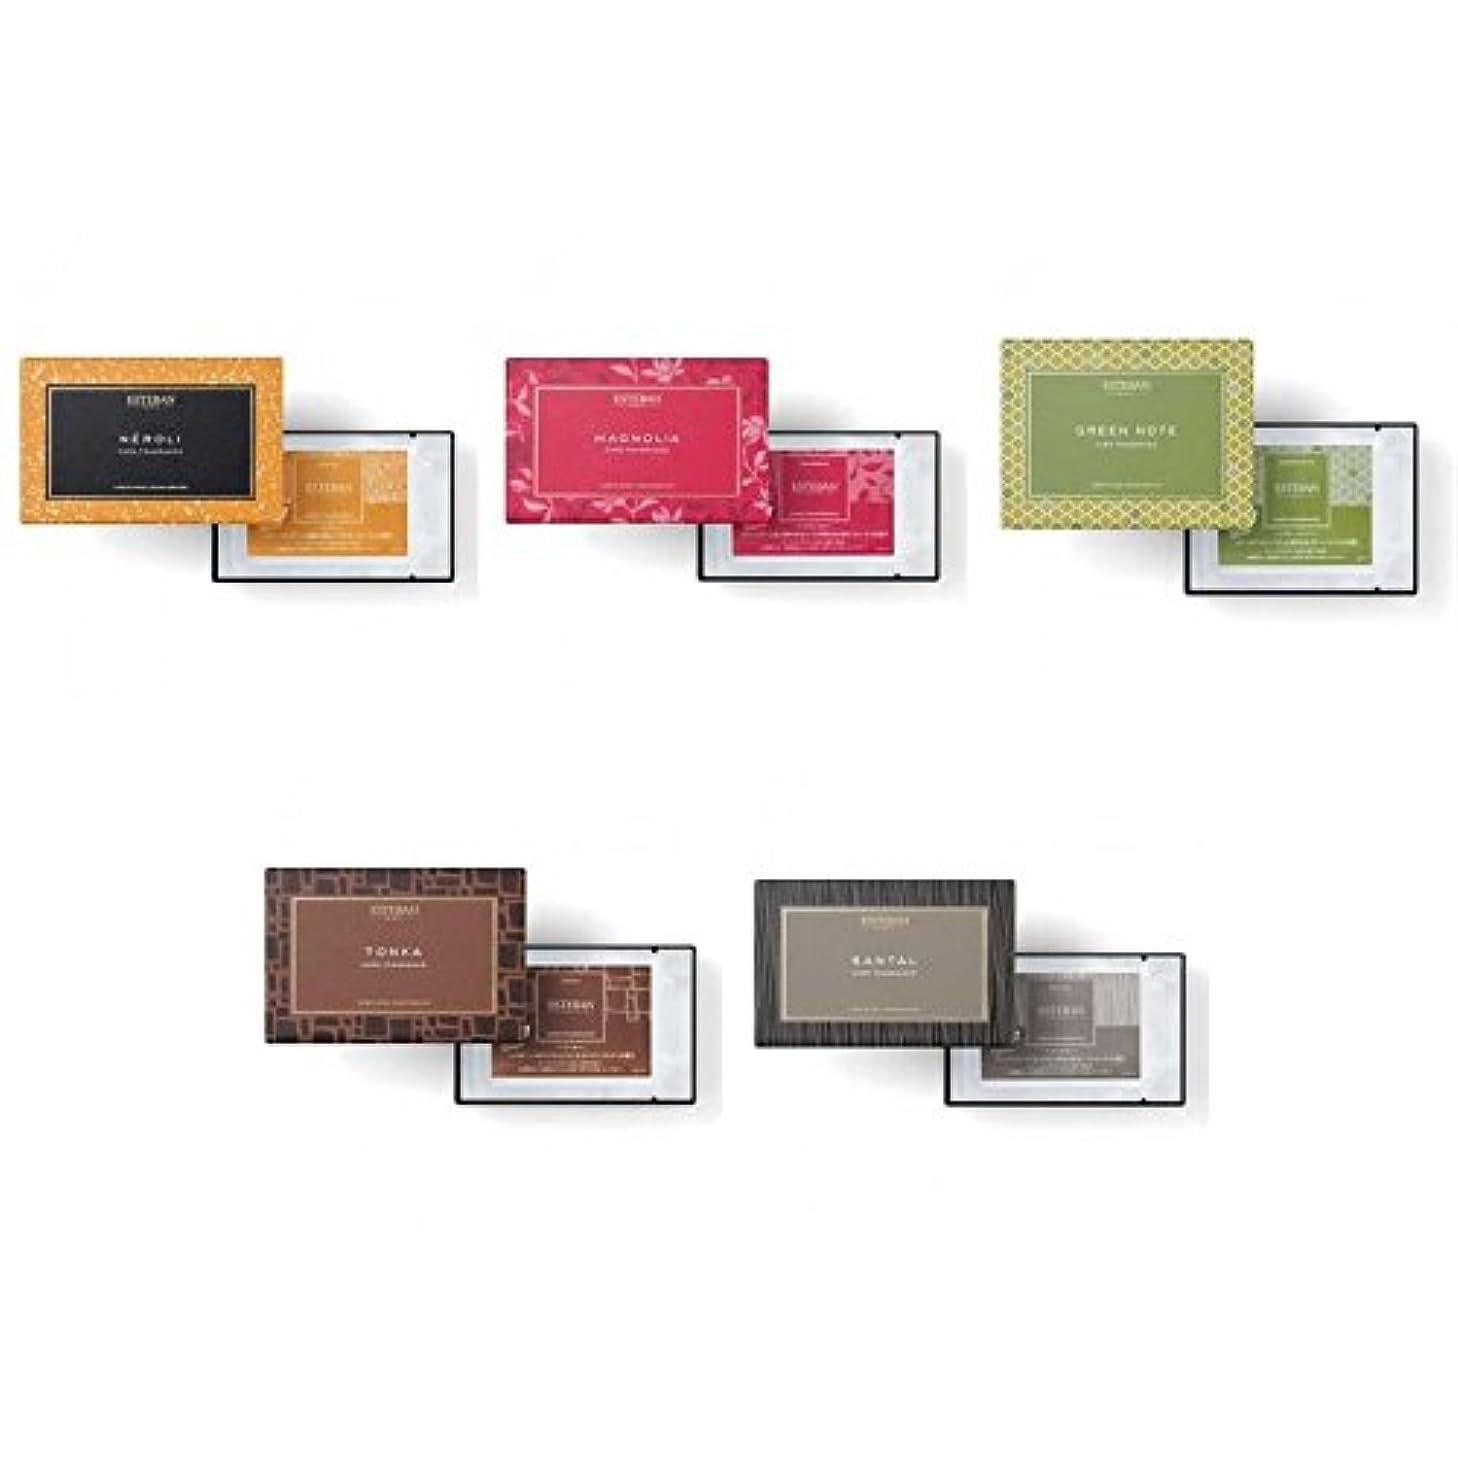 リズム壮大な高さエステバン カードフレグランス 5種セット